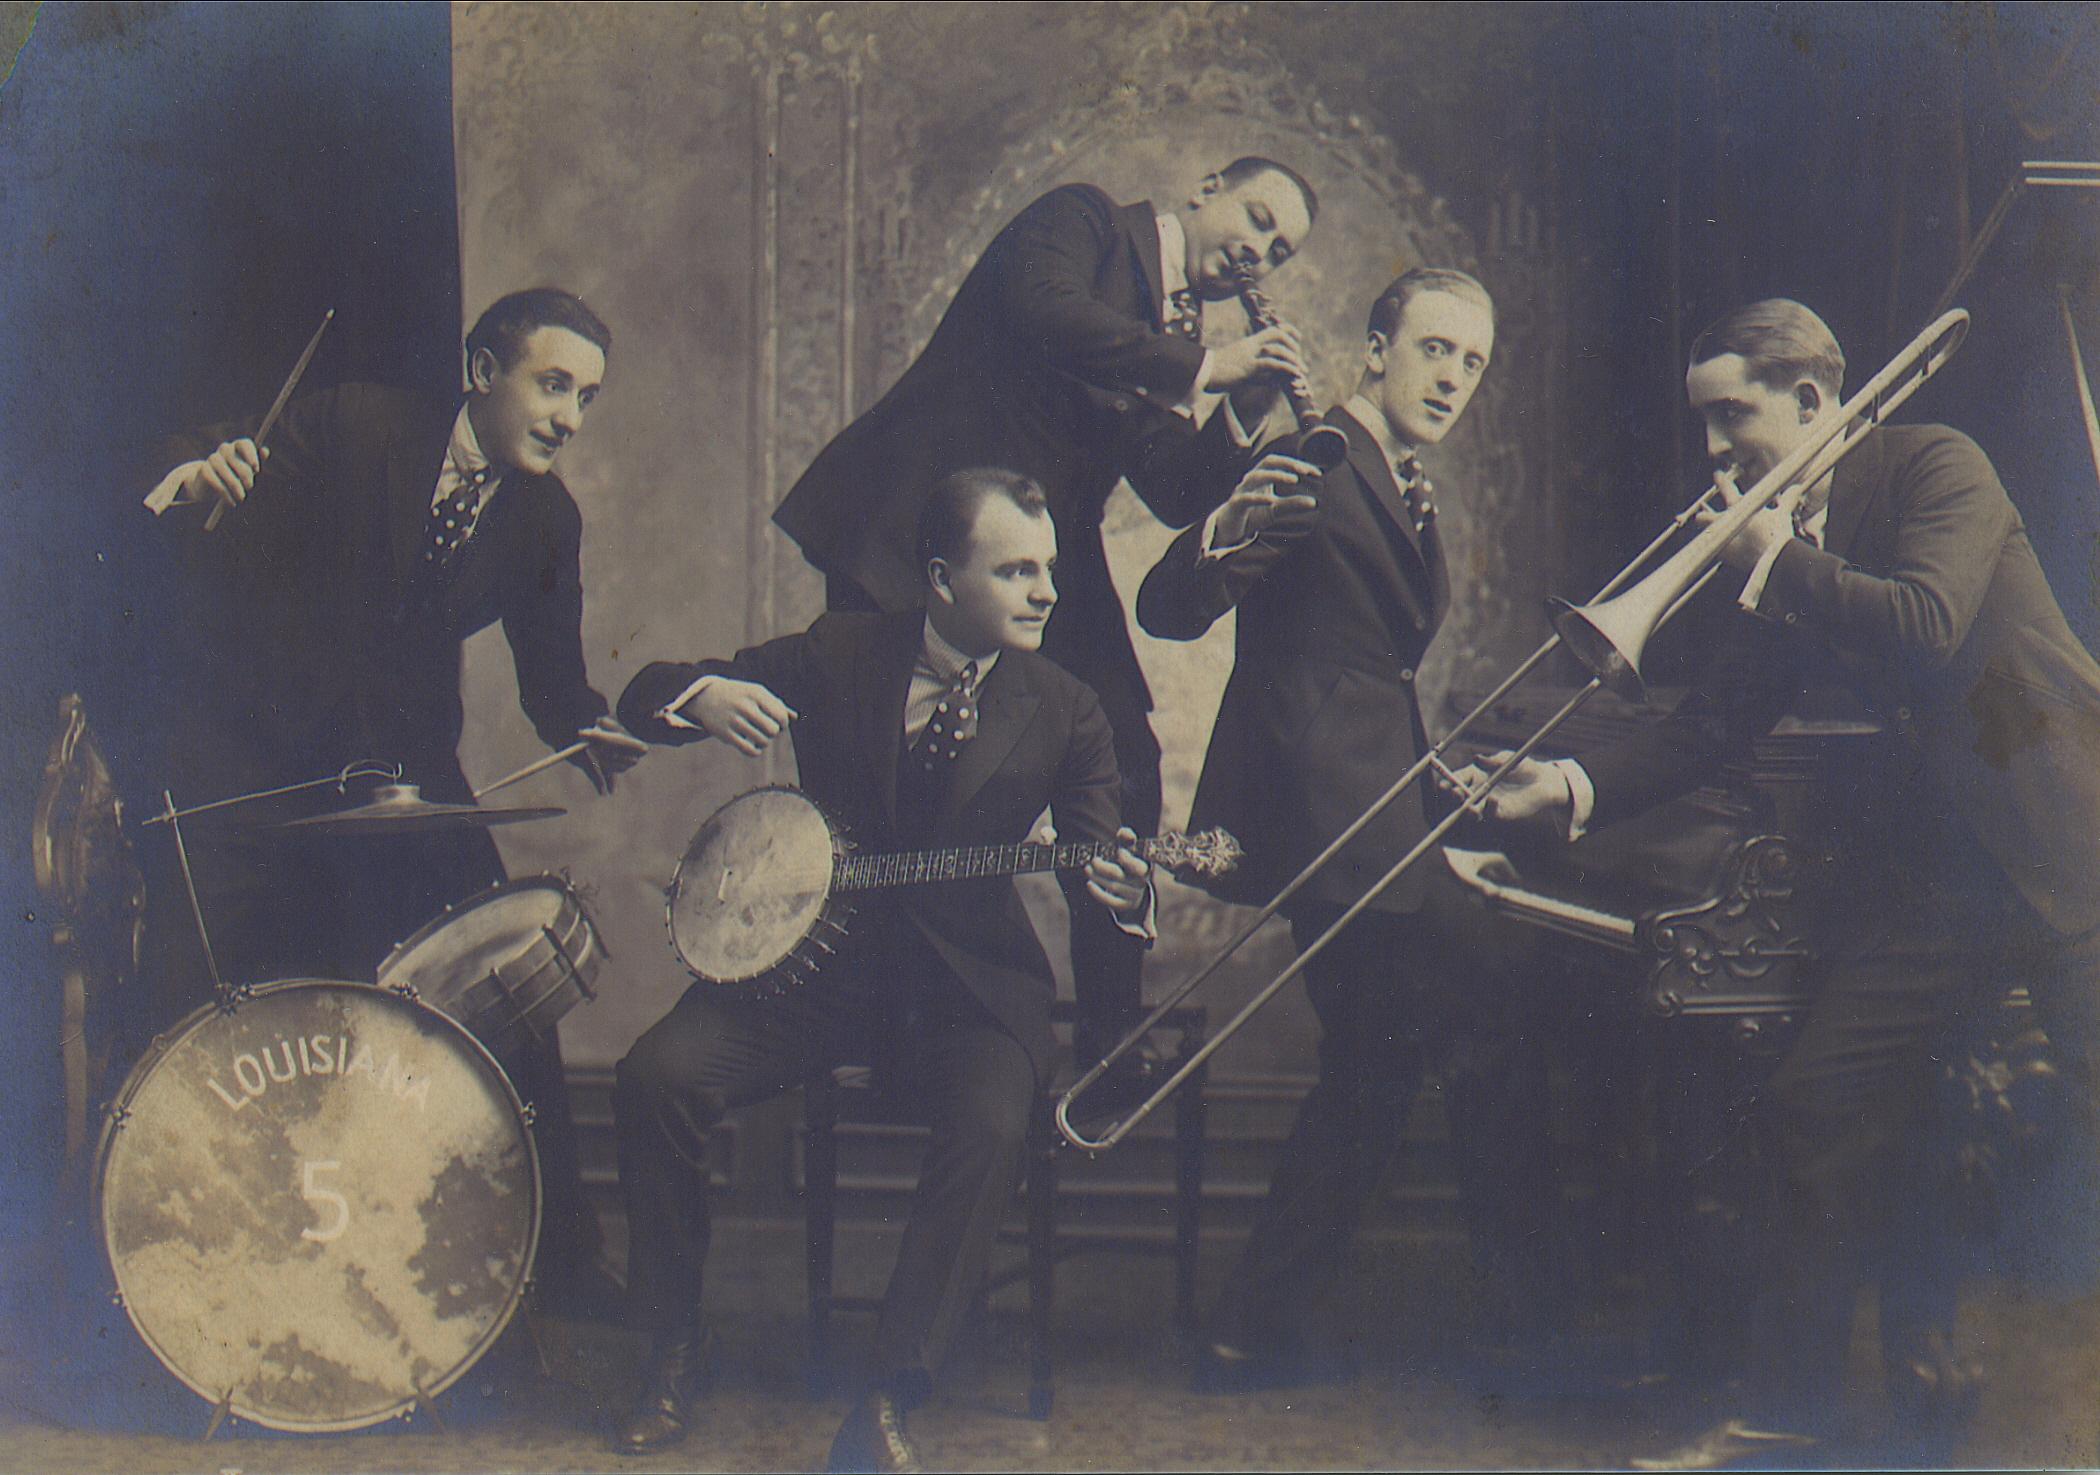 Paul Whiteman And His Orchestra - San - Wang Wang Blues